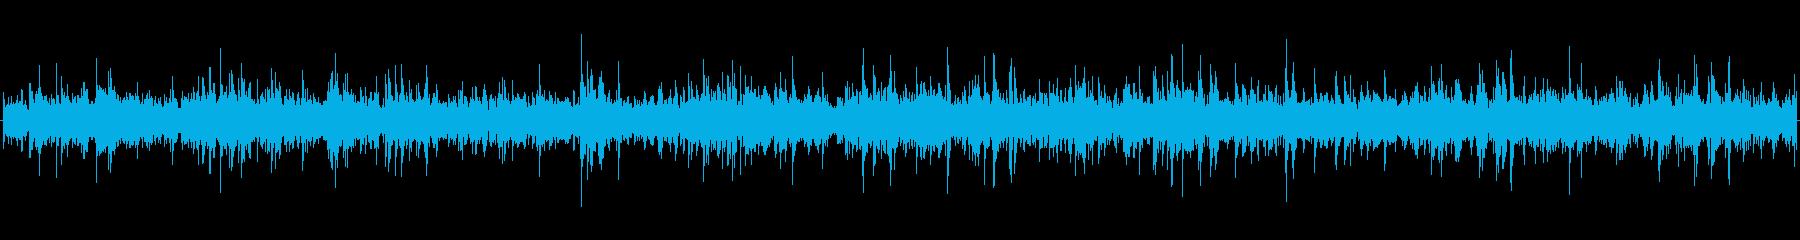 水中シーンの臨場感UP用の効果音の再生済みの波形